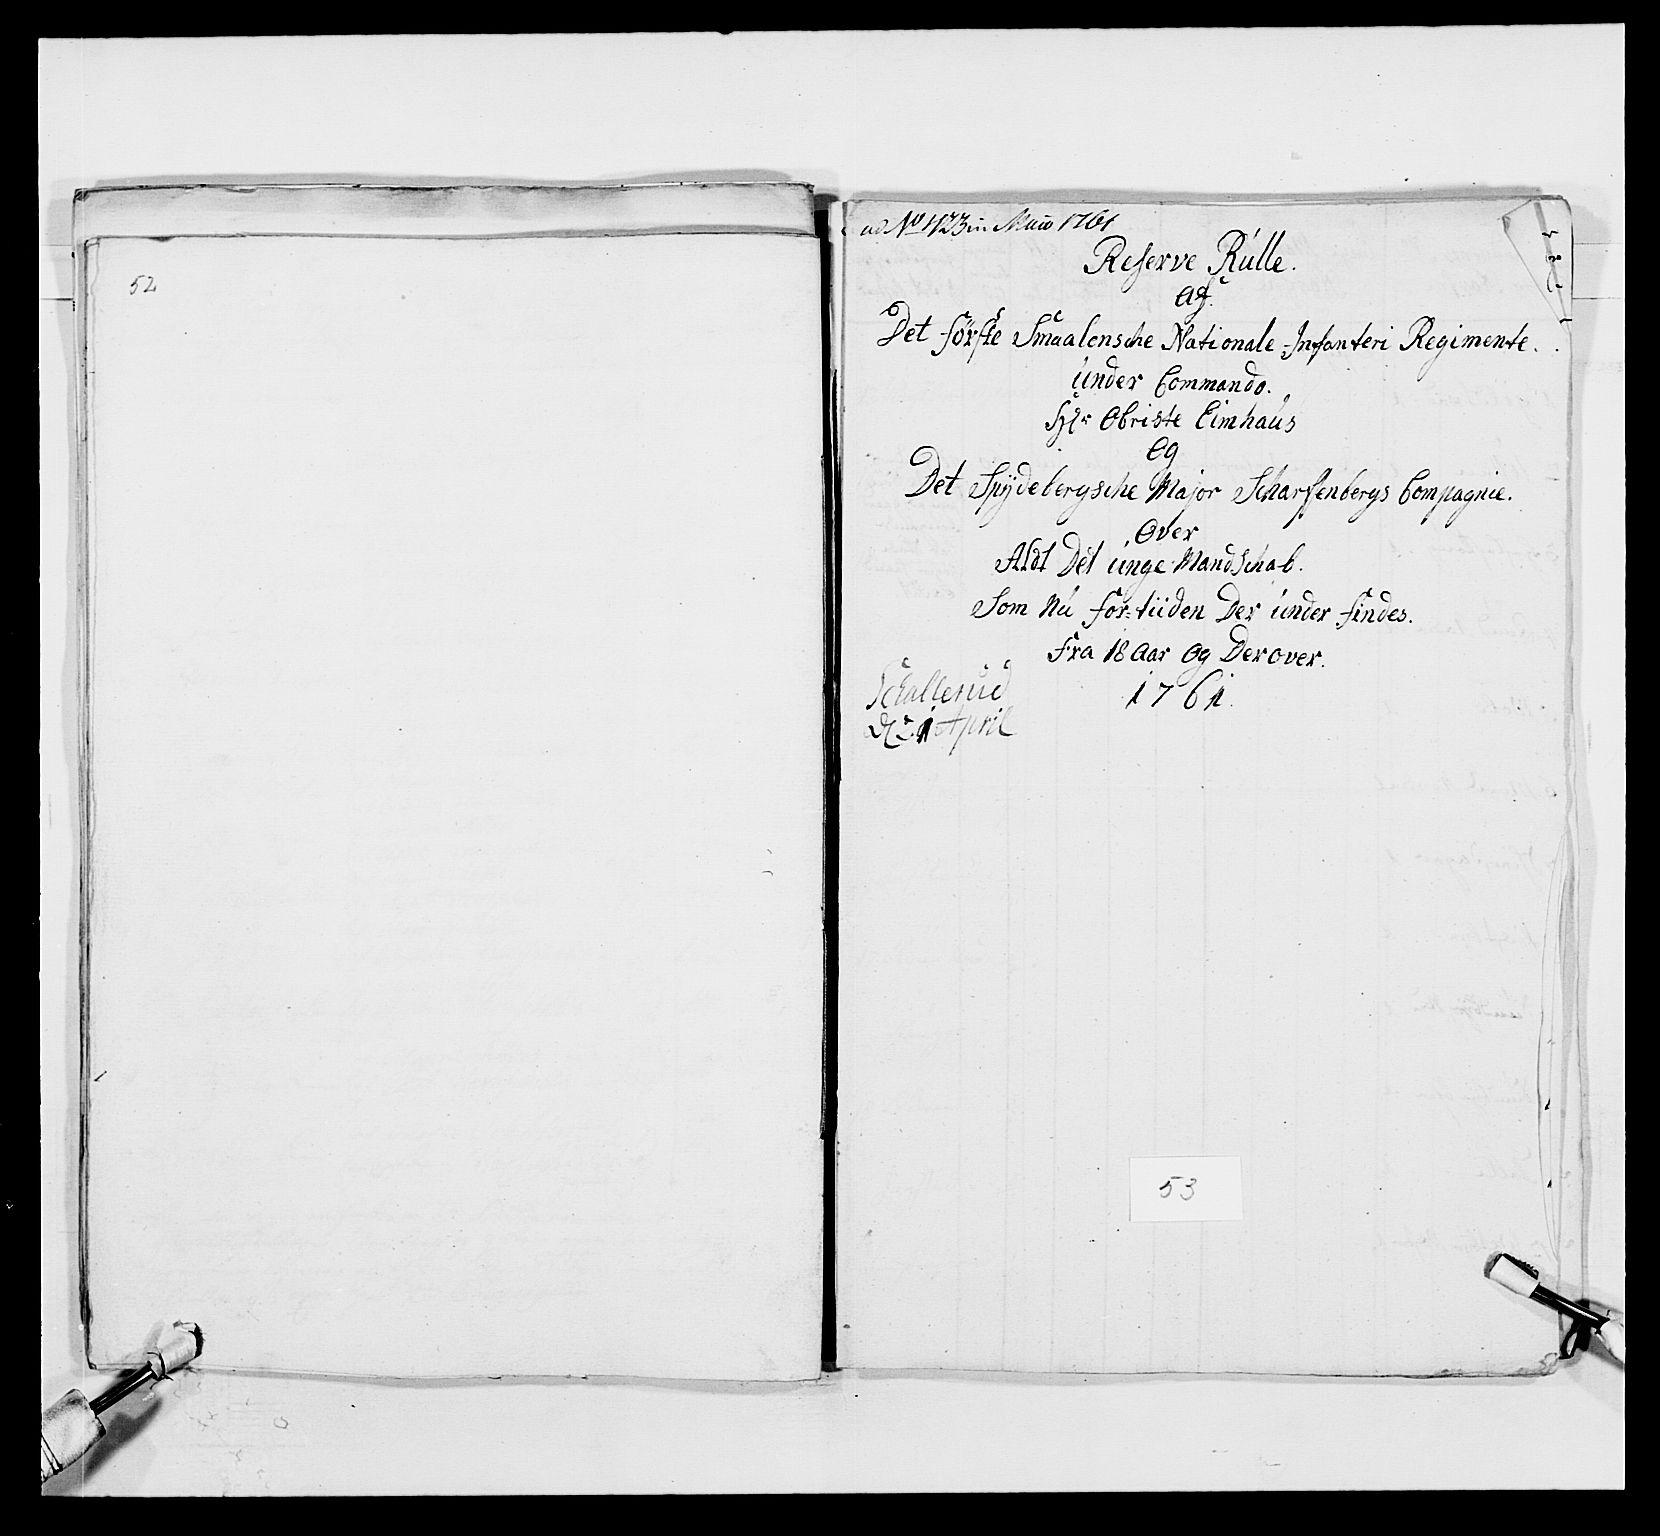 RA, Kommanderende general (KG I) med Det norske krigsdirektorium, E/Ea/L0495: 1. Smålenske regiment, 1732-1763, s. 693